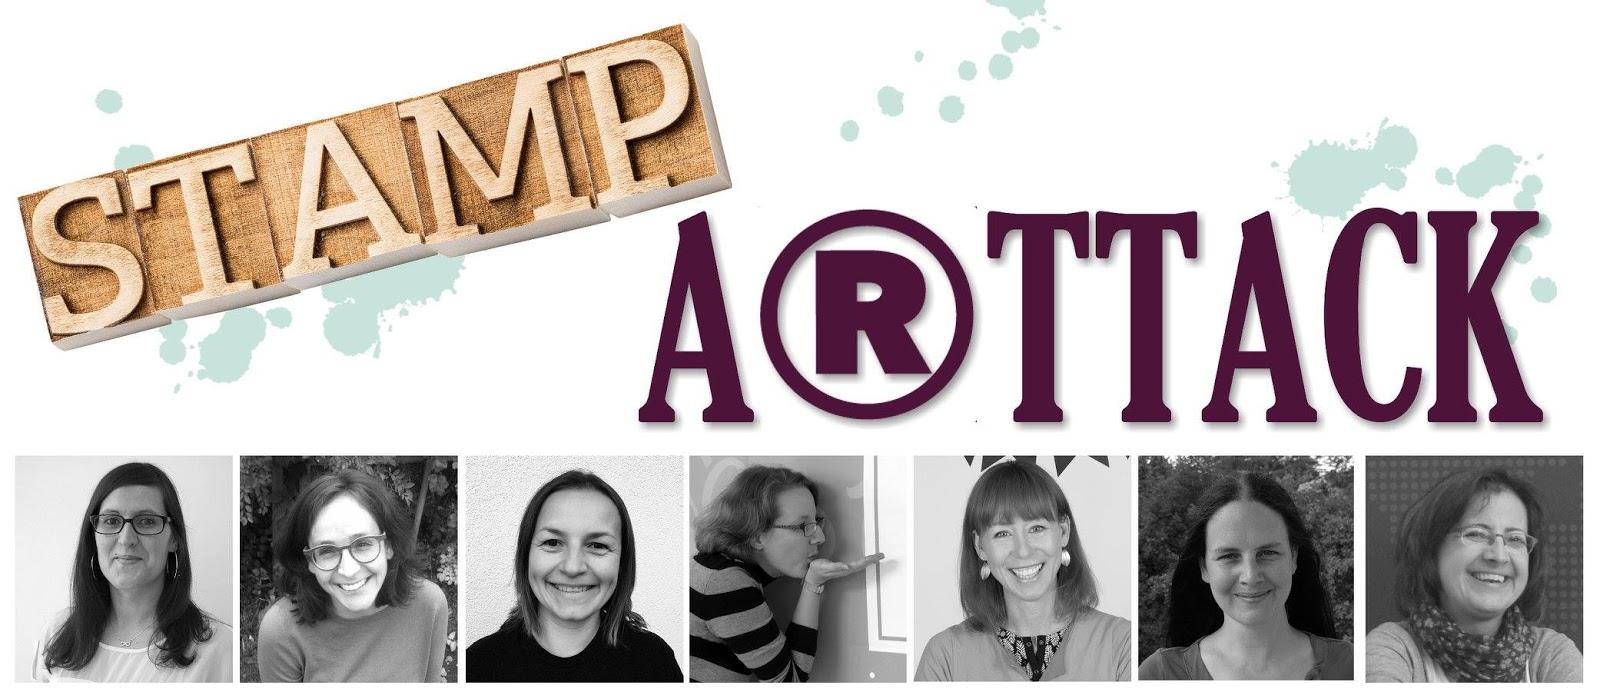 Blog Hop Stamp Arttack